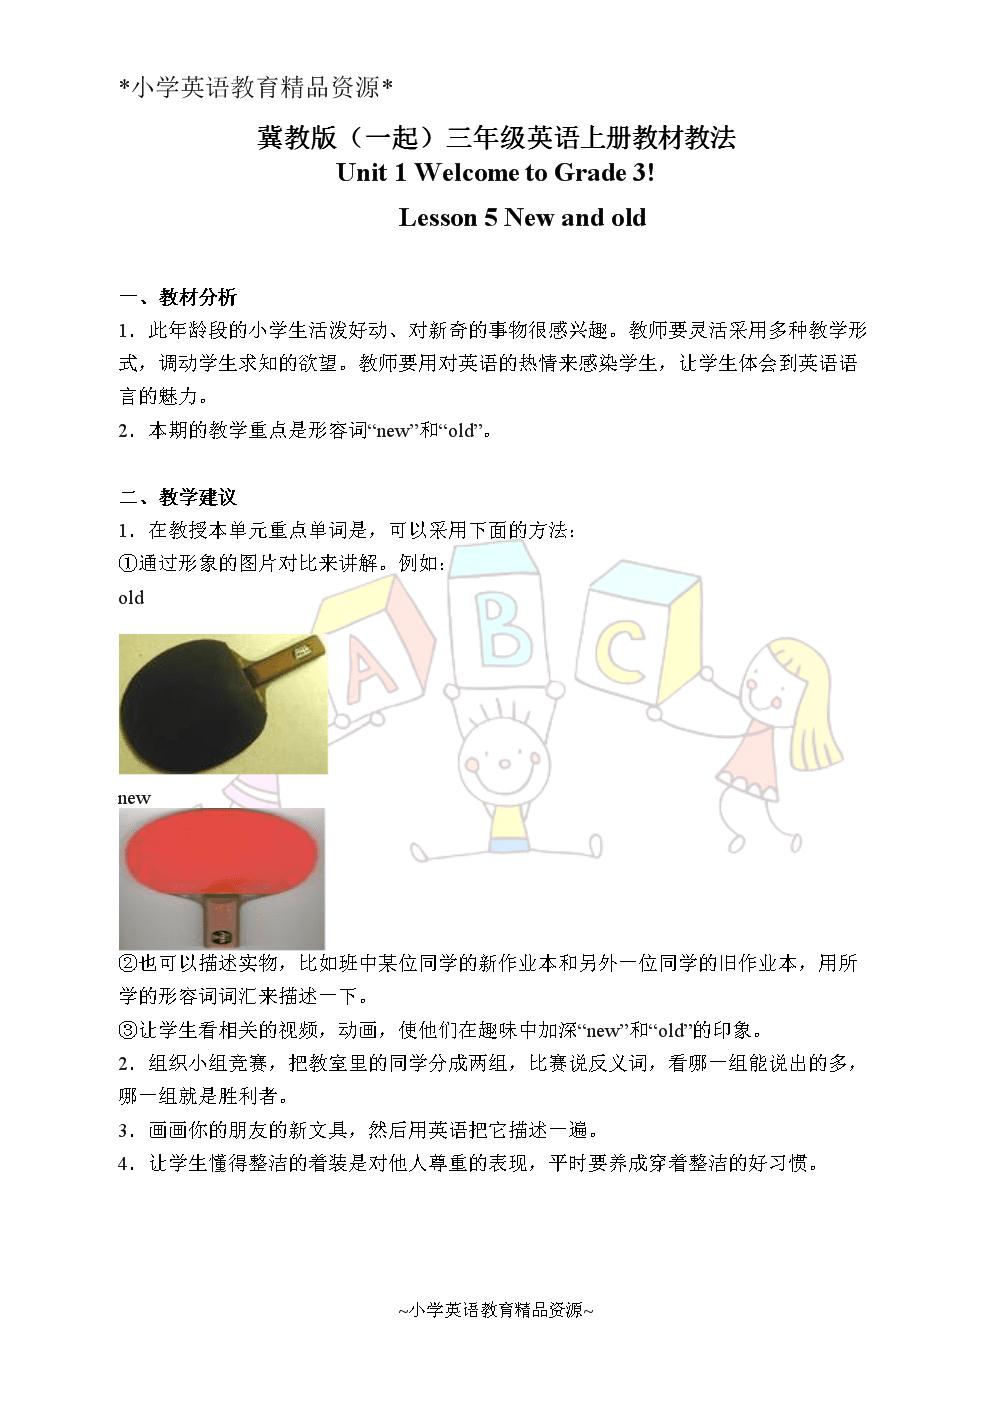 冀教版三年級上冊英語教材教法 Unit 1 Lesson 5(1).doc